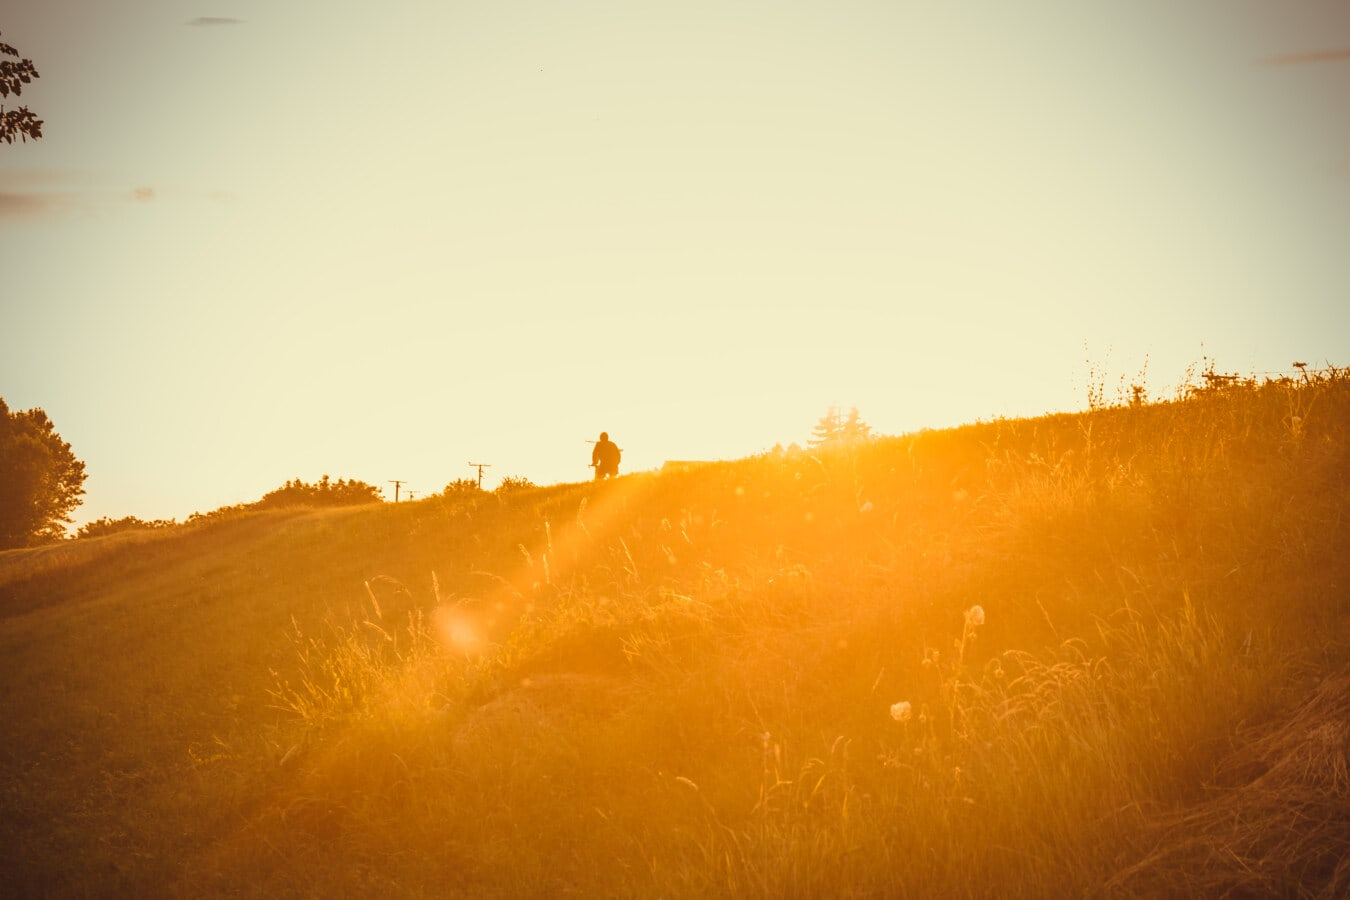 ensoleillée, rayons de soleil, ensoleillement, taches solaires, lumière du soleil, silhouette, lueur du soleil, majestueux, aube, coucher de soleil